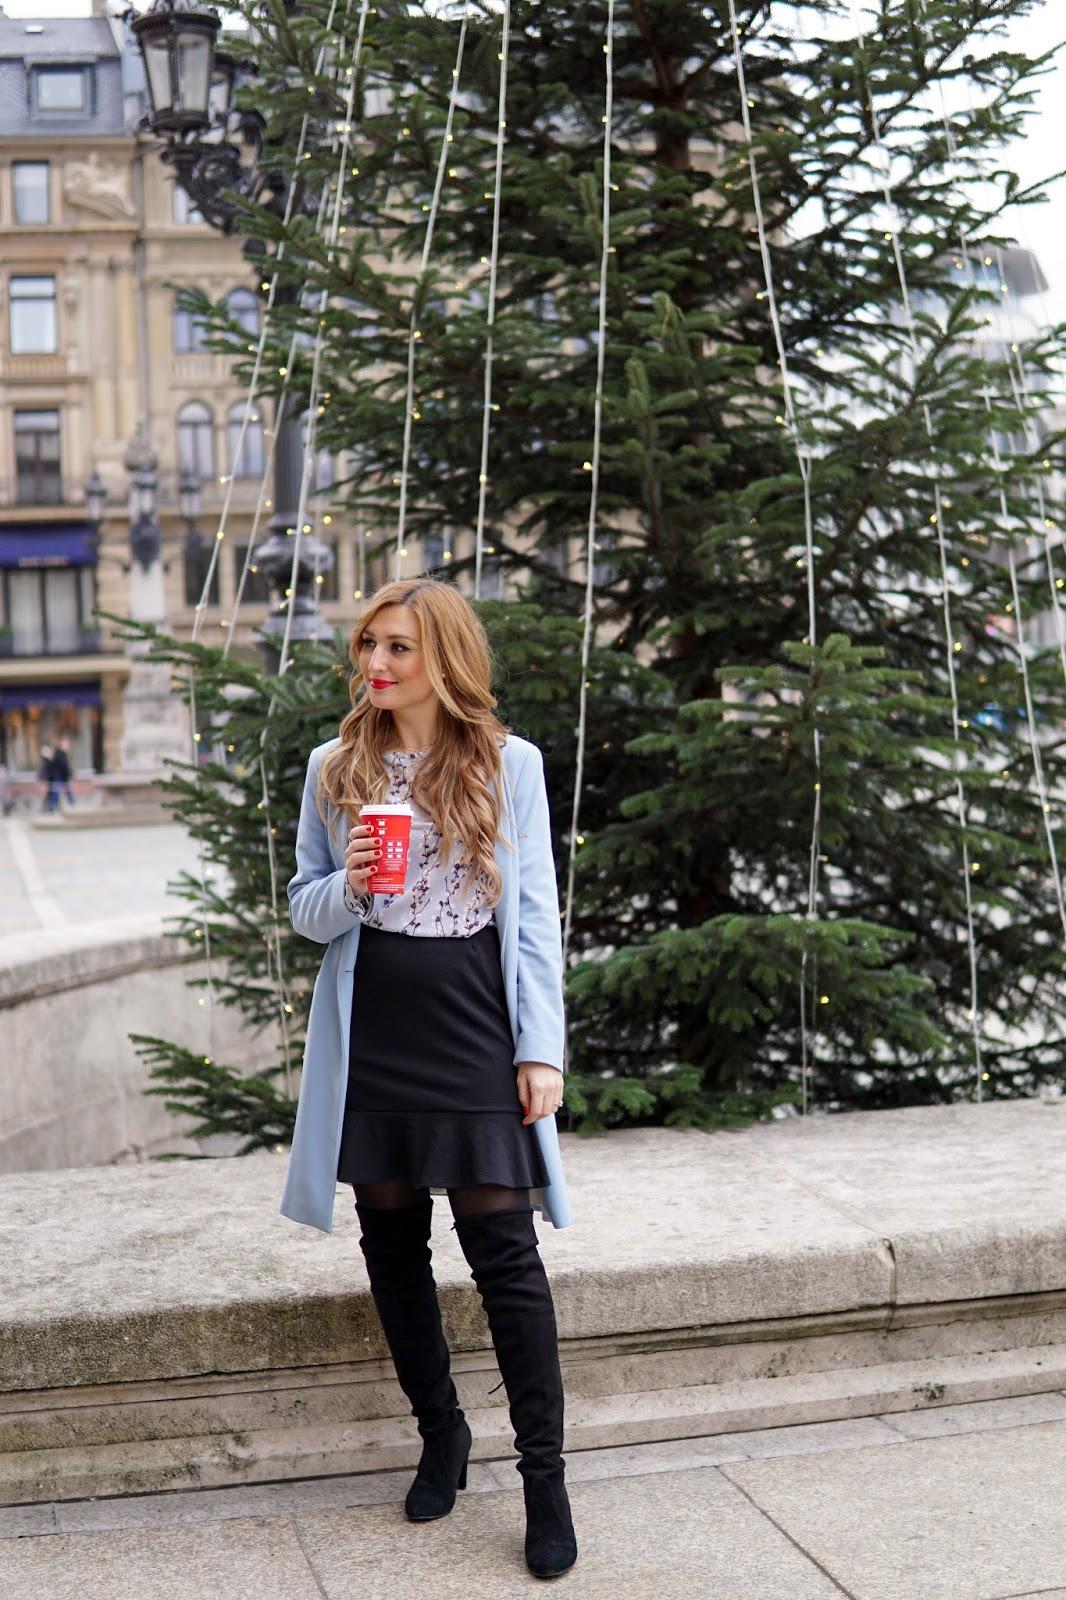 blauer-Mantel-schwarzer-ausgestellter-rock-blaue-bluse-bluse-mit-blumenprint-Overknees-Overknee-stiefel-stuart-weitzman-femininer-look-fashionblogger-bloggeraus-deutschland-deutsche-fashionblogger-fashionstylebyjohanna